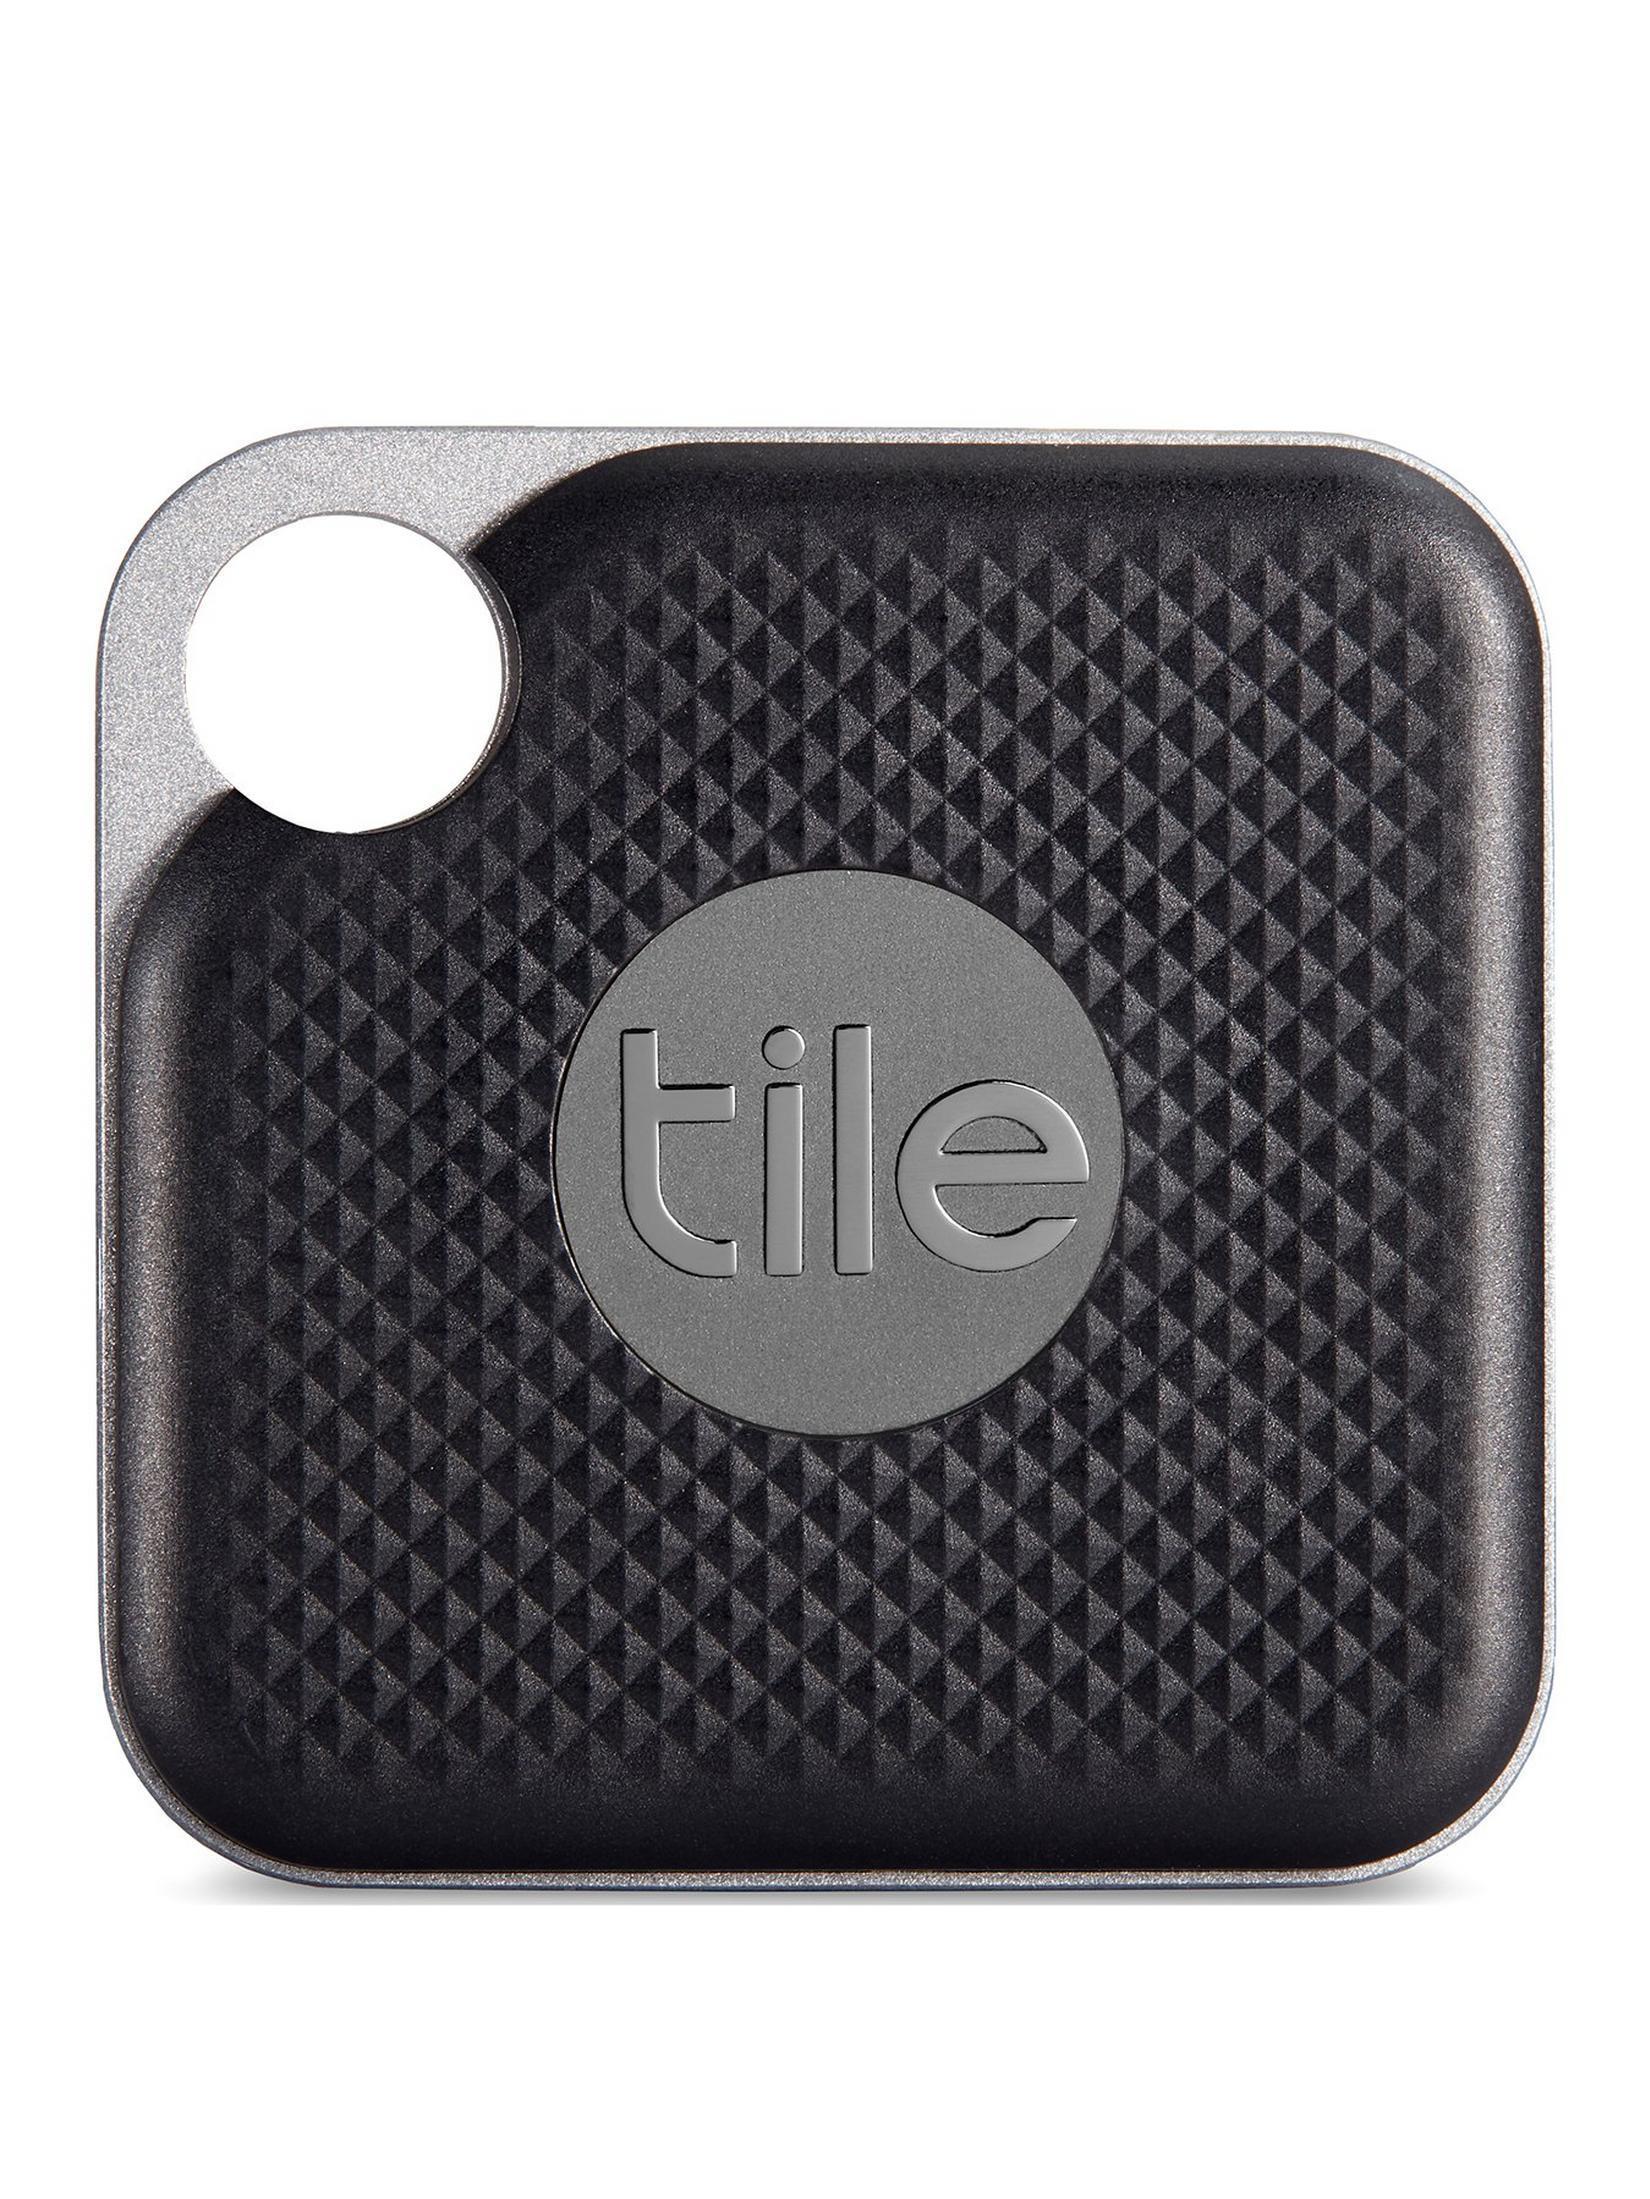 Tile Pro 2018 Bluetooth Tracker (Item Finder) Black - Single Pack